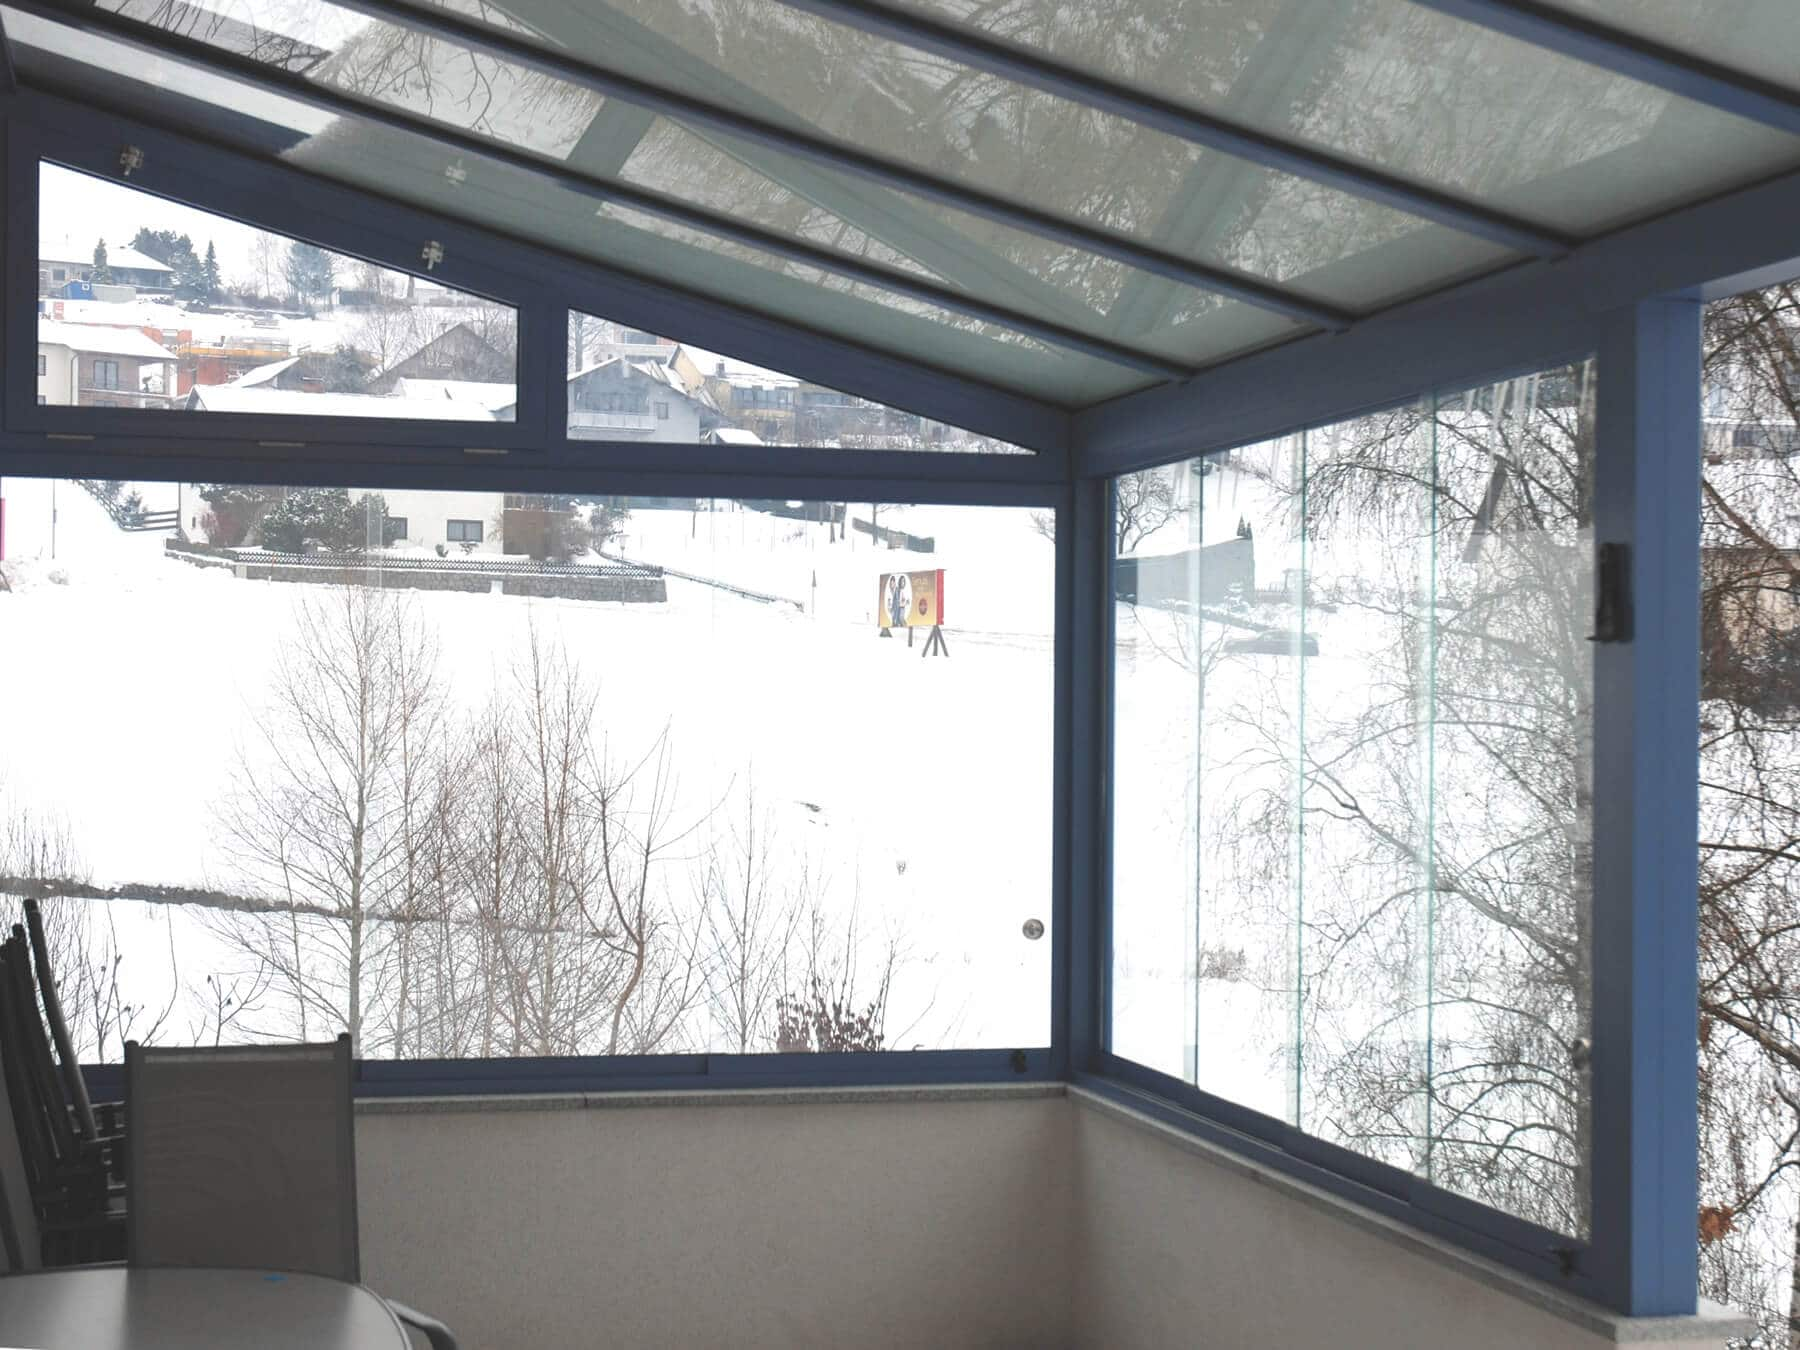 Glasüberdachung mit seitlichen Windschutz in taubenblau